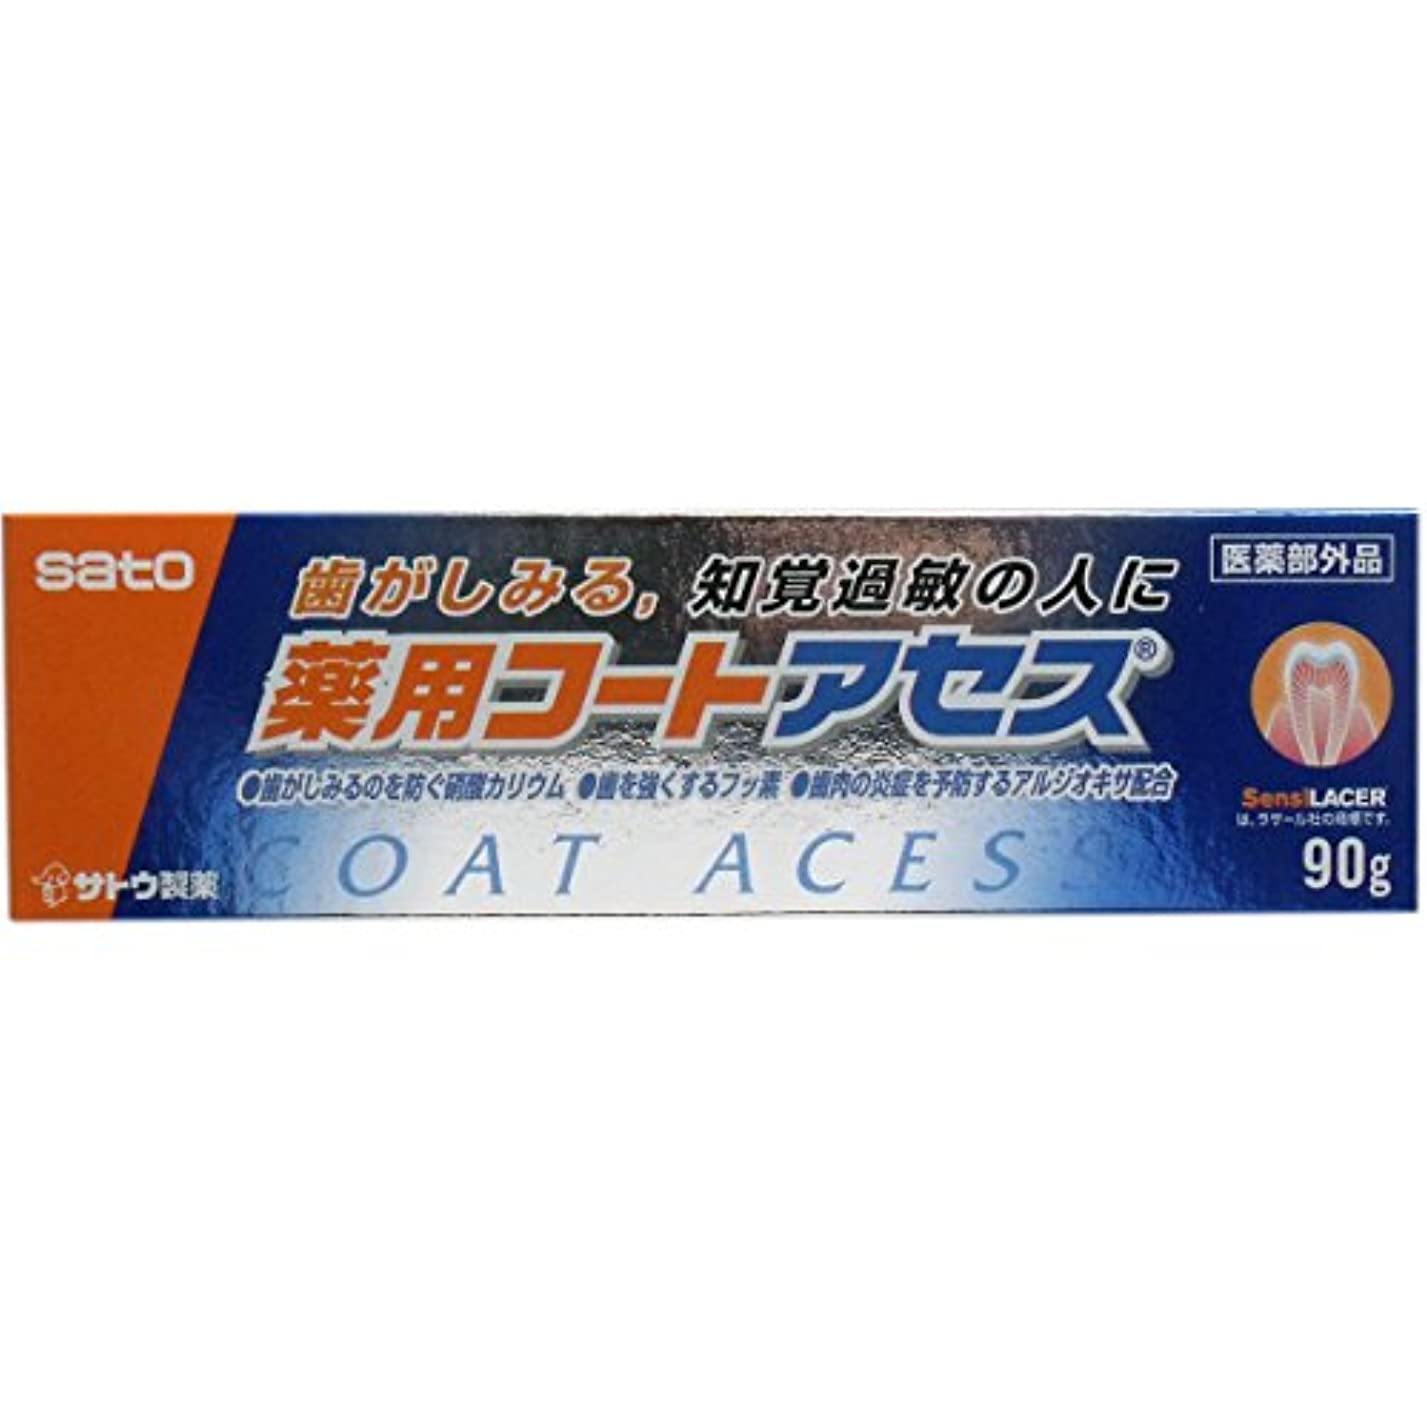 決定的カポック間隔サトウ製薬 薬用コートアセス 薬用歯みがき 90g ×6個セット